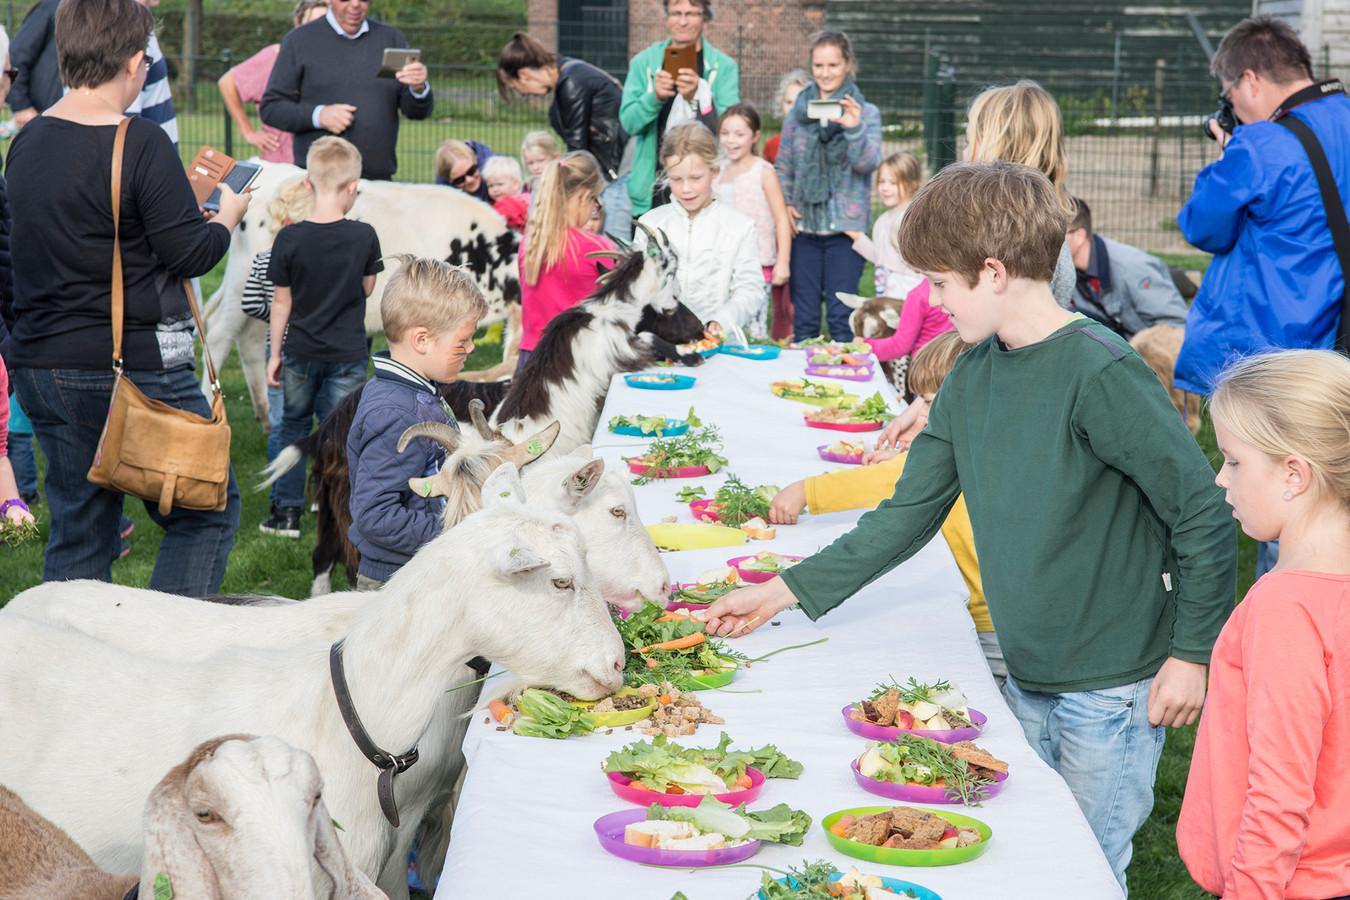 De kinderboerderij in betere tijden: ter gelegenheid van dierendag kregen de geiten een uitgebreid diner voorgeschoteld,  bereid door kinderen.